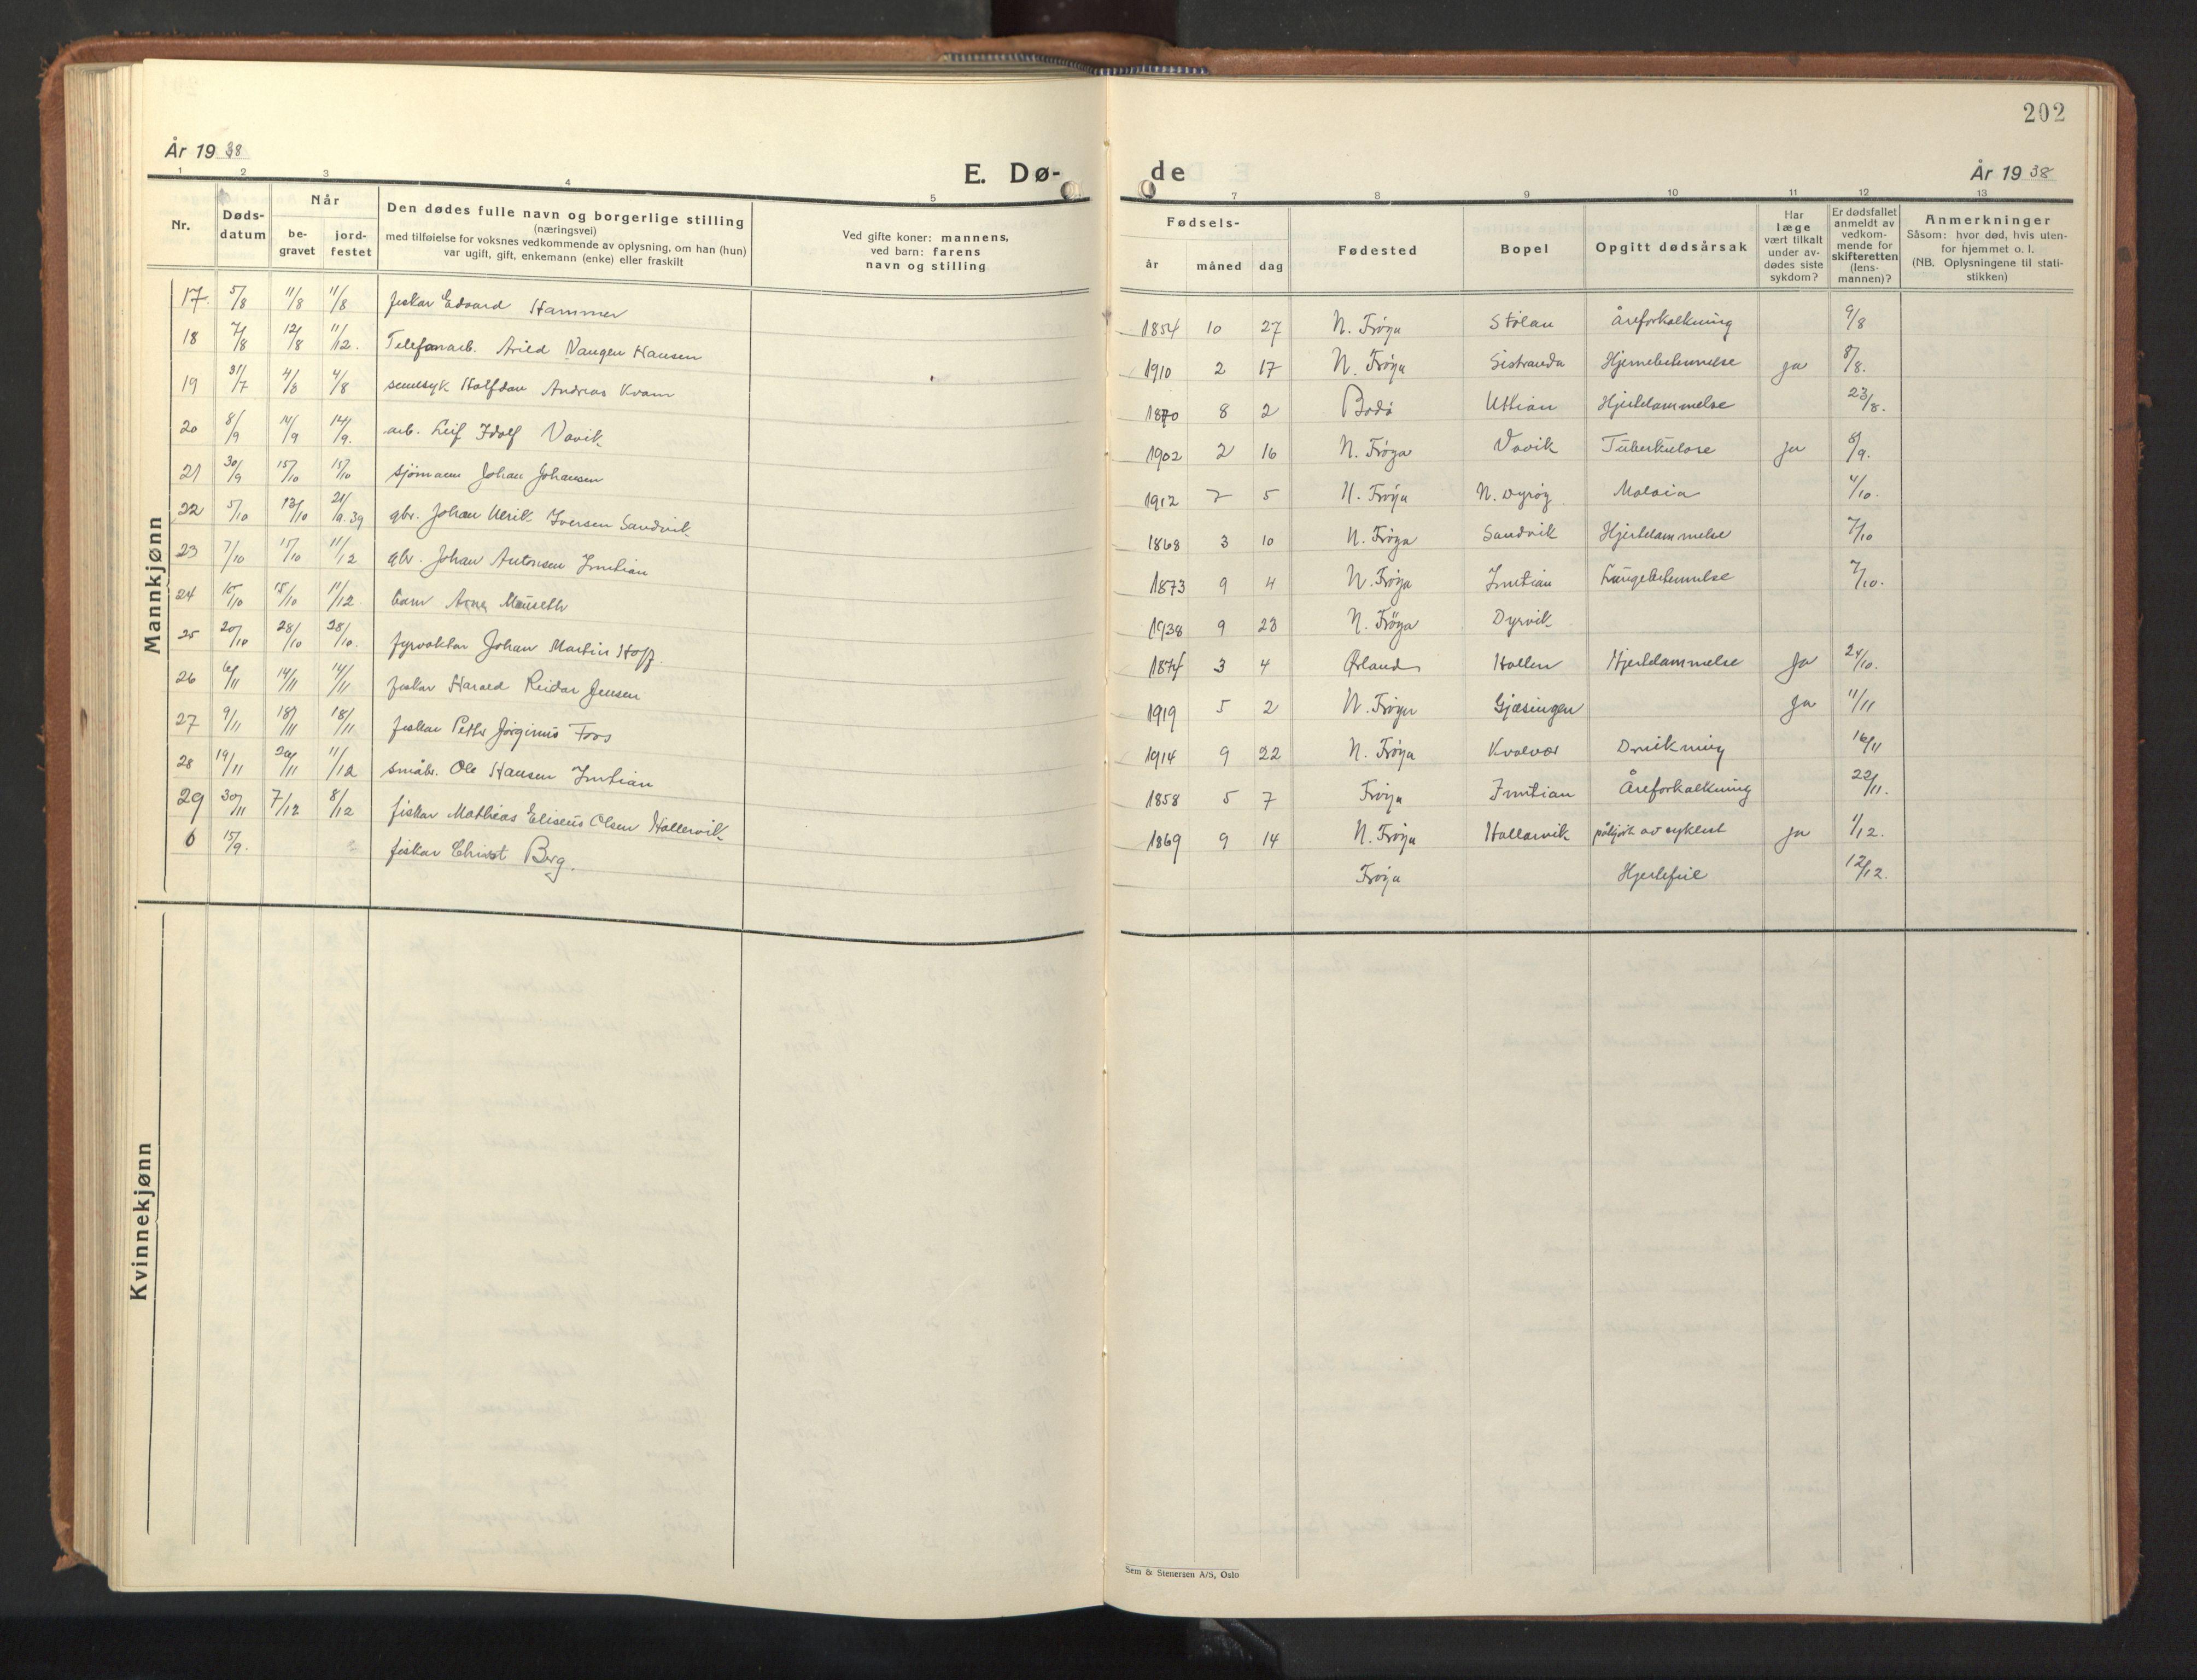 SAT, Ministerialprotokoller, klokkerbøker og fødselsregistre - Sør-Trøndelag, 640/L0590: Klokkerbok nr. 640C07, 1935-1948, s. 202